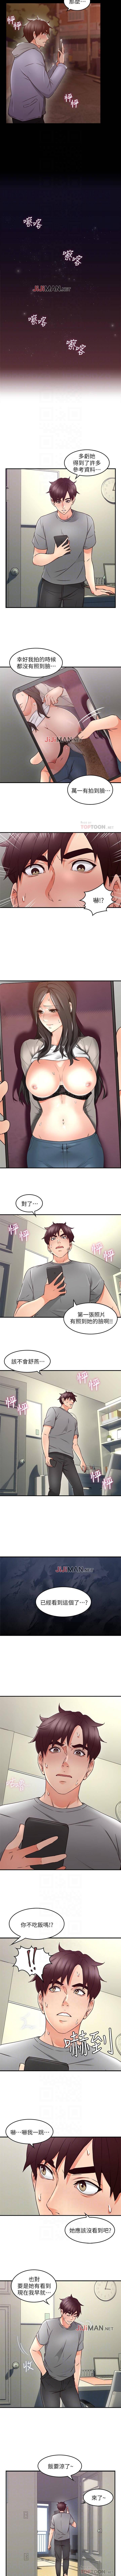 【周六更新】邻居人妻(作者:李周元 & 頸枕) 第1~50话 109